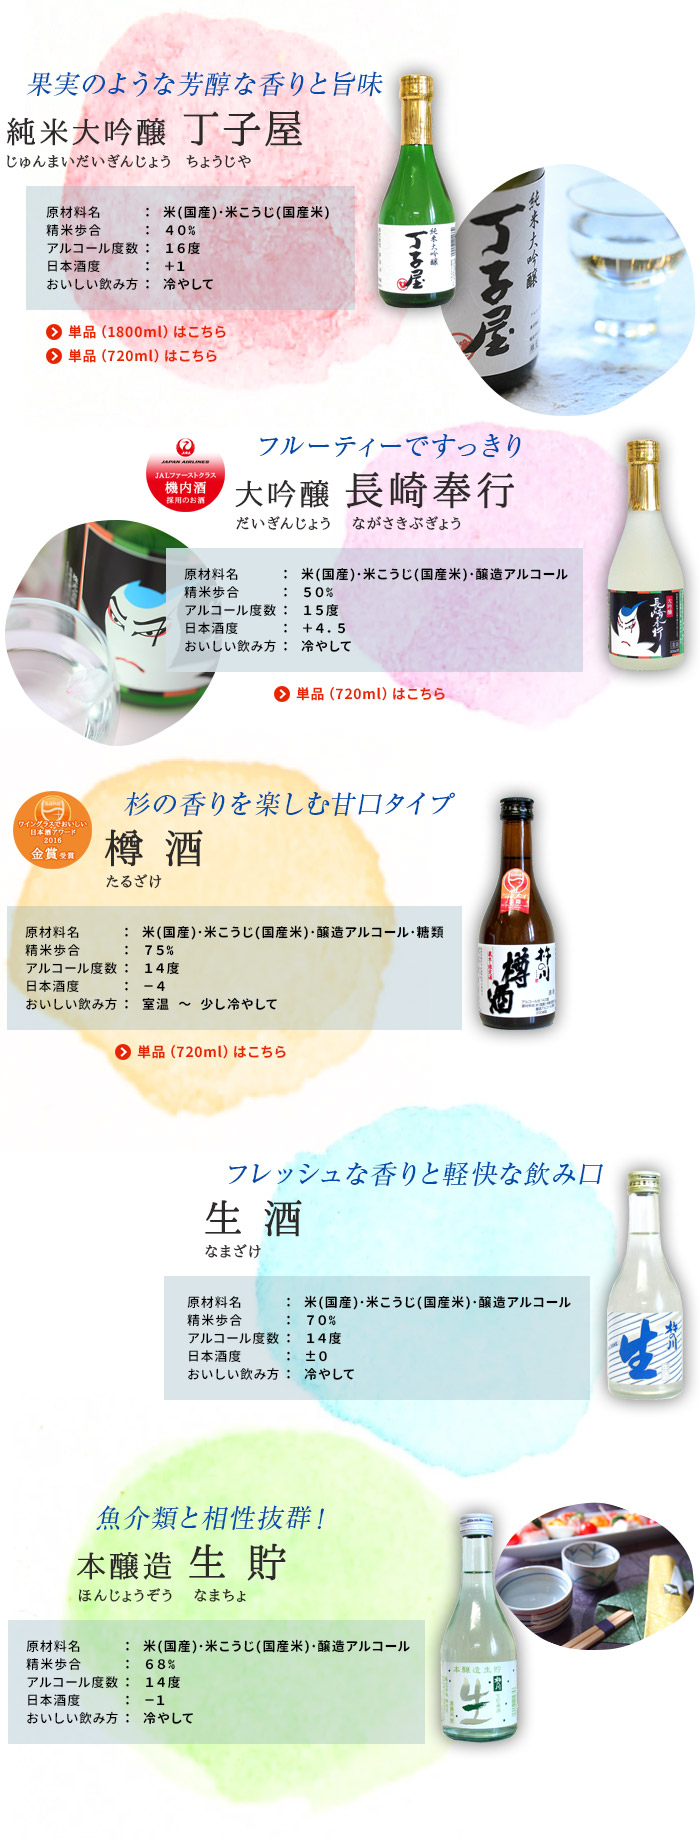 杵の川 飲み比べセット(純米大吟醸 丁子屋・大吟醸 長崎奉行・樽酒・生酒・本醸造 生貯樽酒)